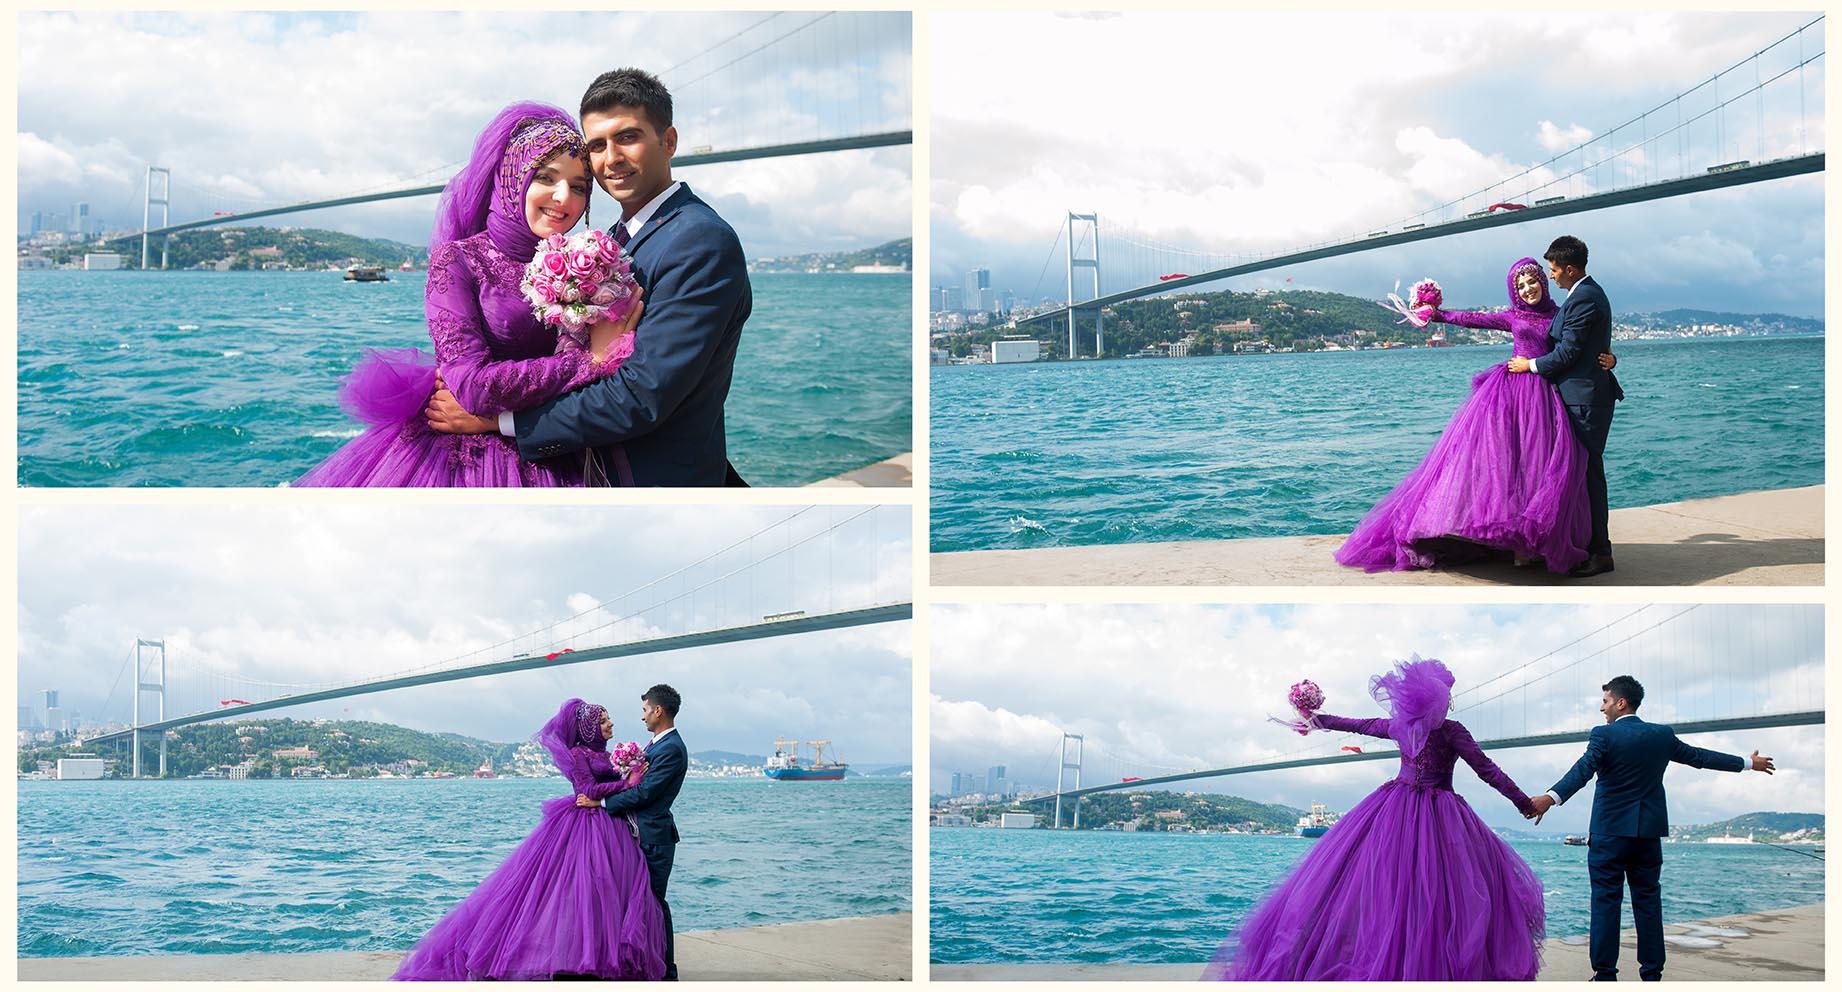 kız kulesi düğün fotoğrafları - istanbul bo  az sahil ni  an foto  raf   ekimi - Kız Kulesi, Fethi Paşa Korusu, Kuzguncuk Boğaz Sahil Düğün Fotoğrafları Çekimi